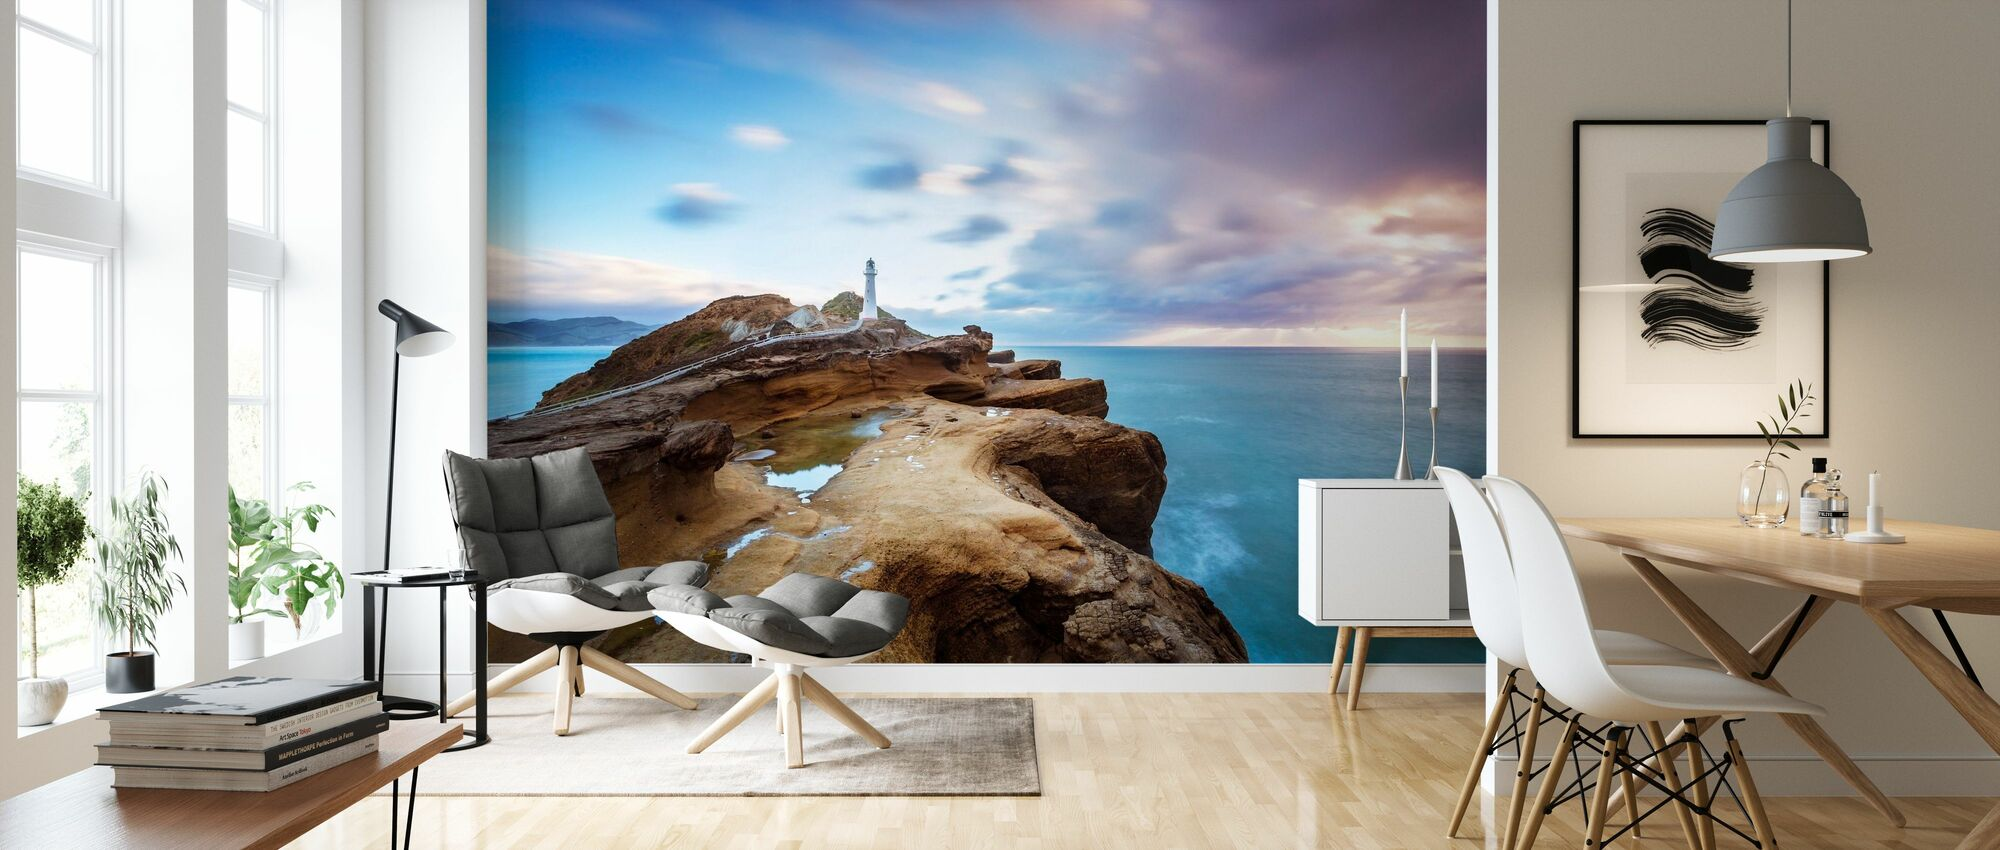 Lighthouse at Sunrise - Wallpaper - Living Room